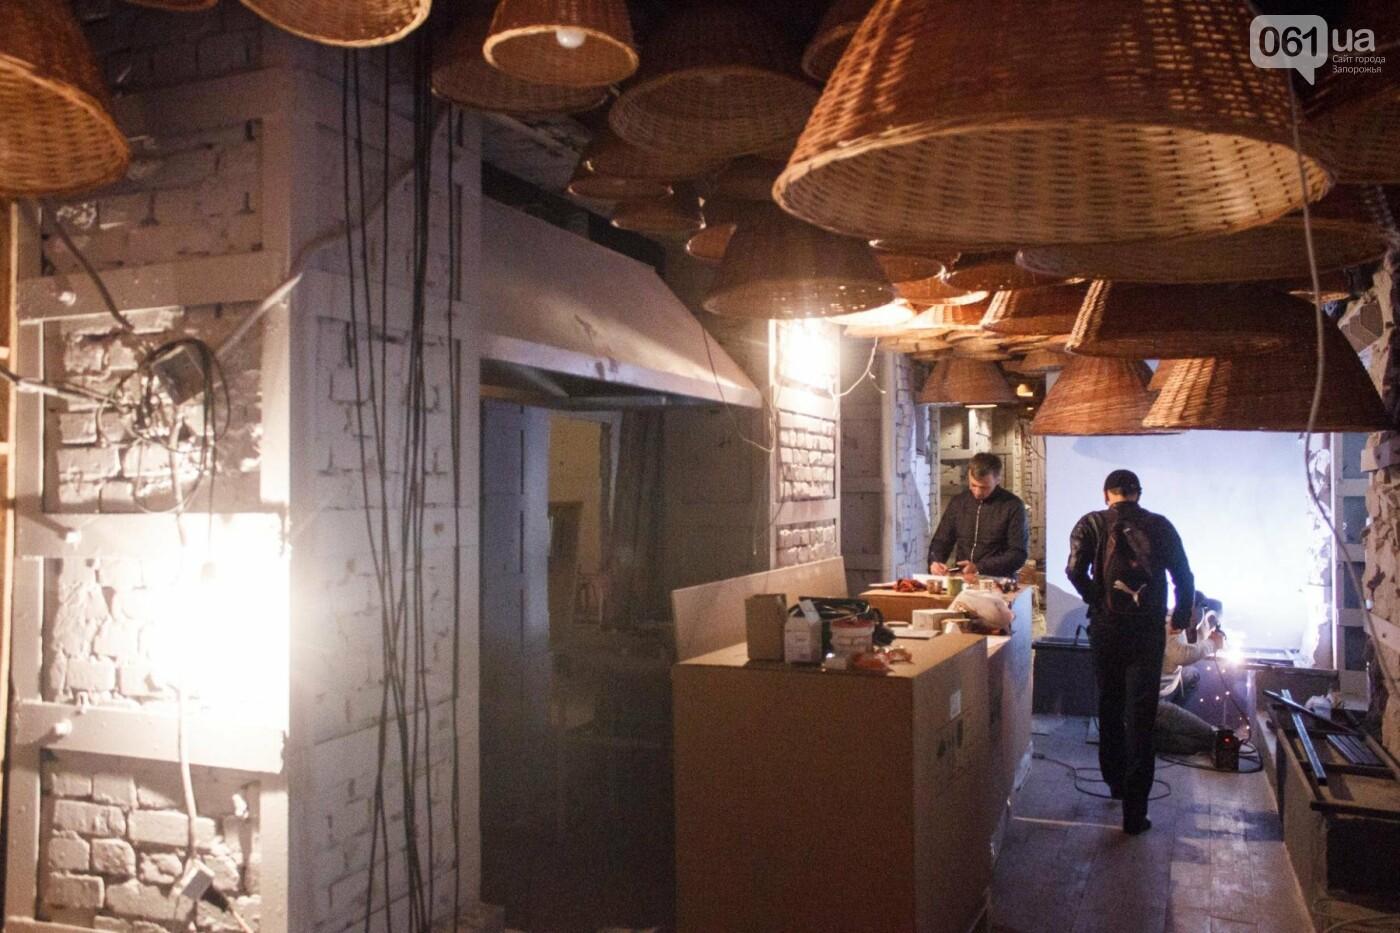 Show биZнес: в будущем ресторане завершается ремонт и появляется мебель , фото-8